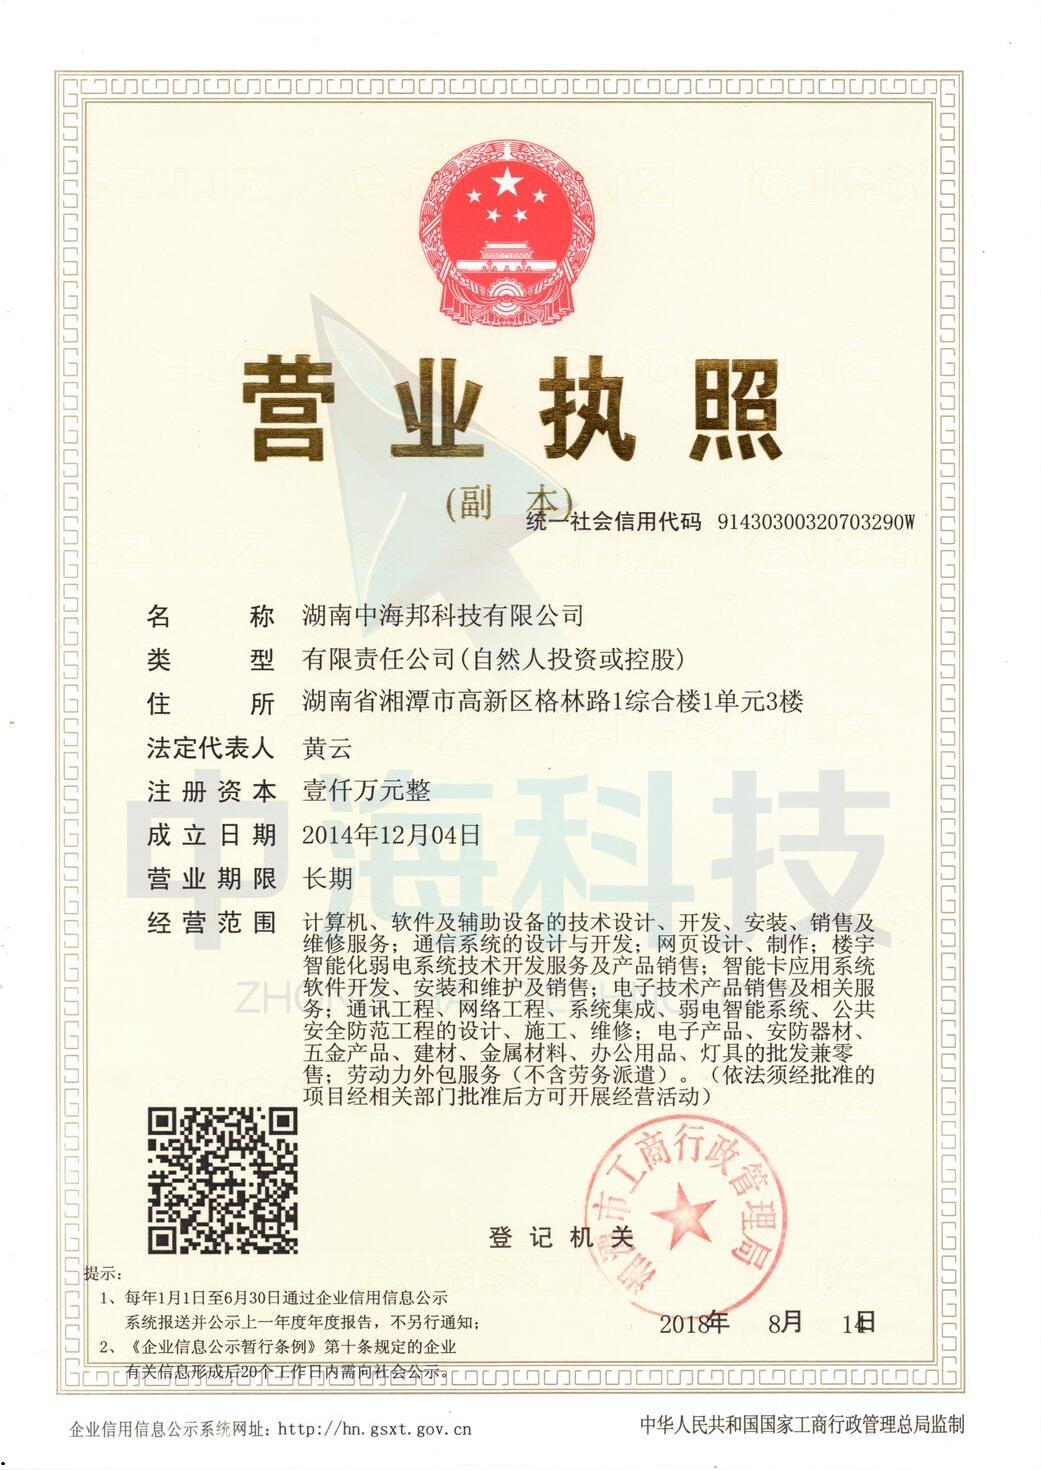 湖南中海邦科技营业执照